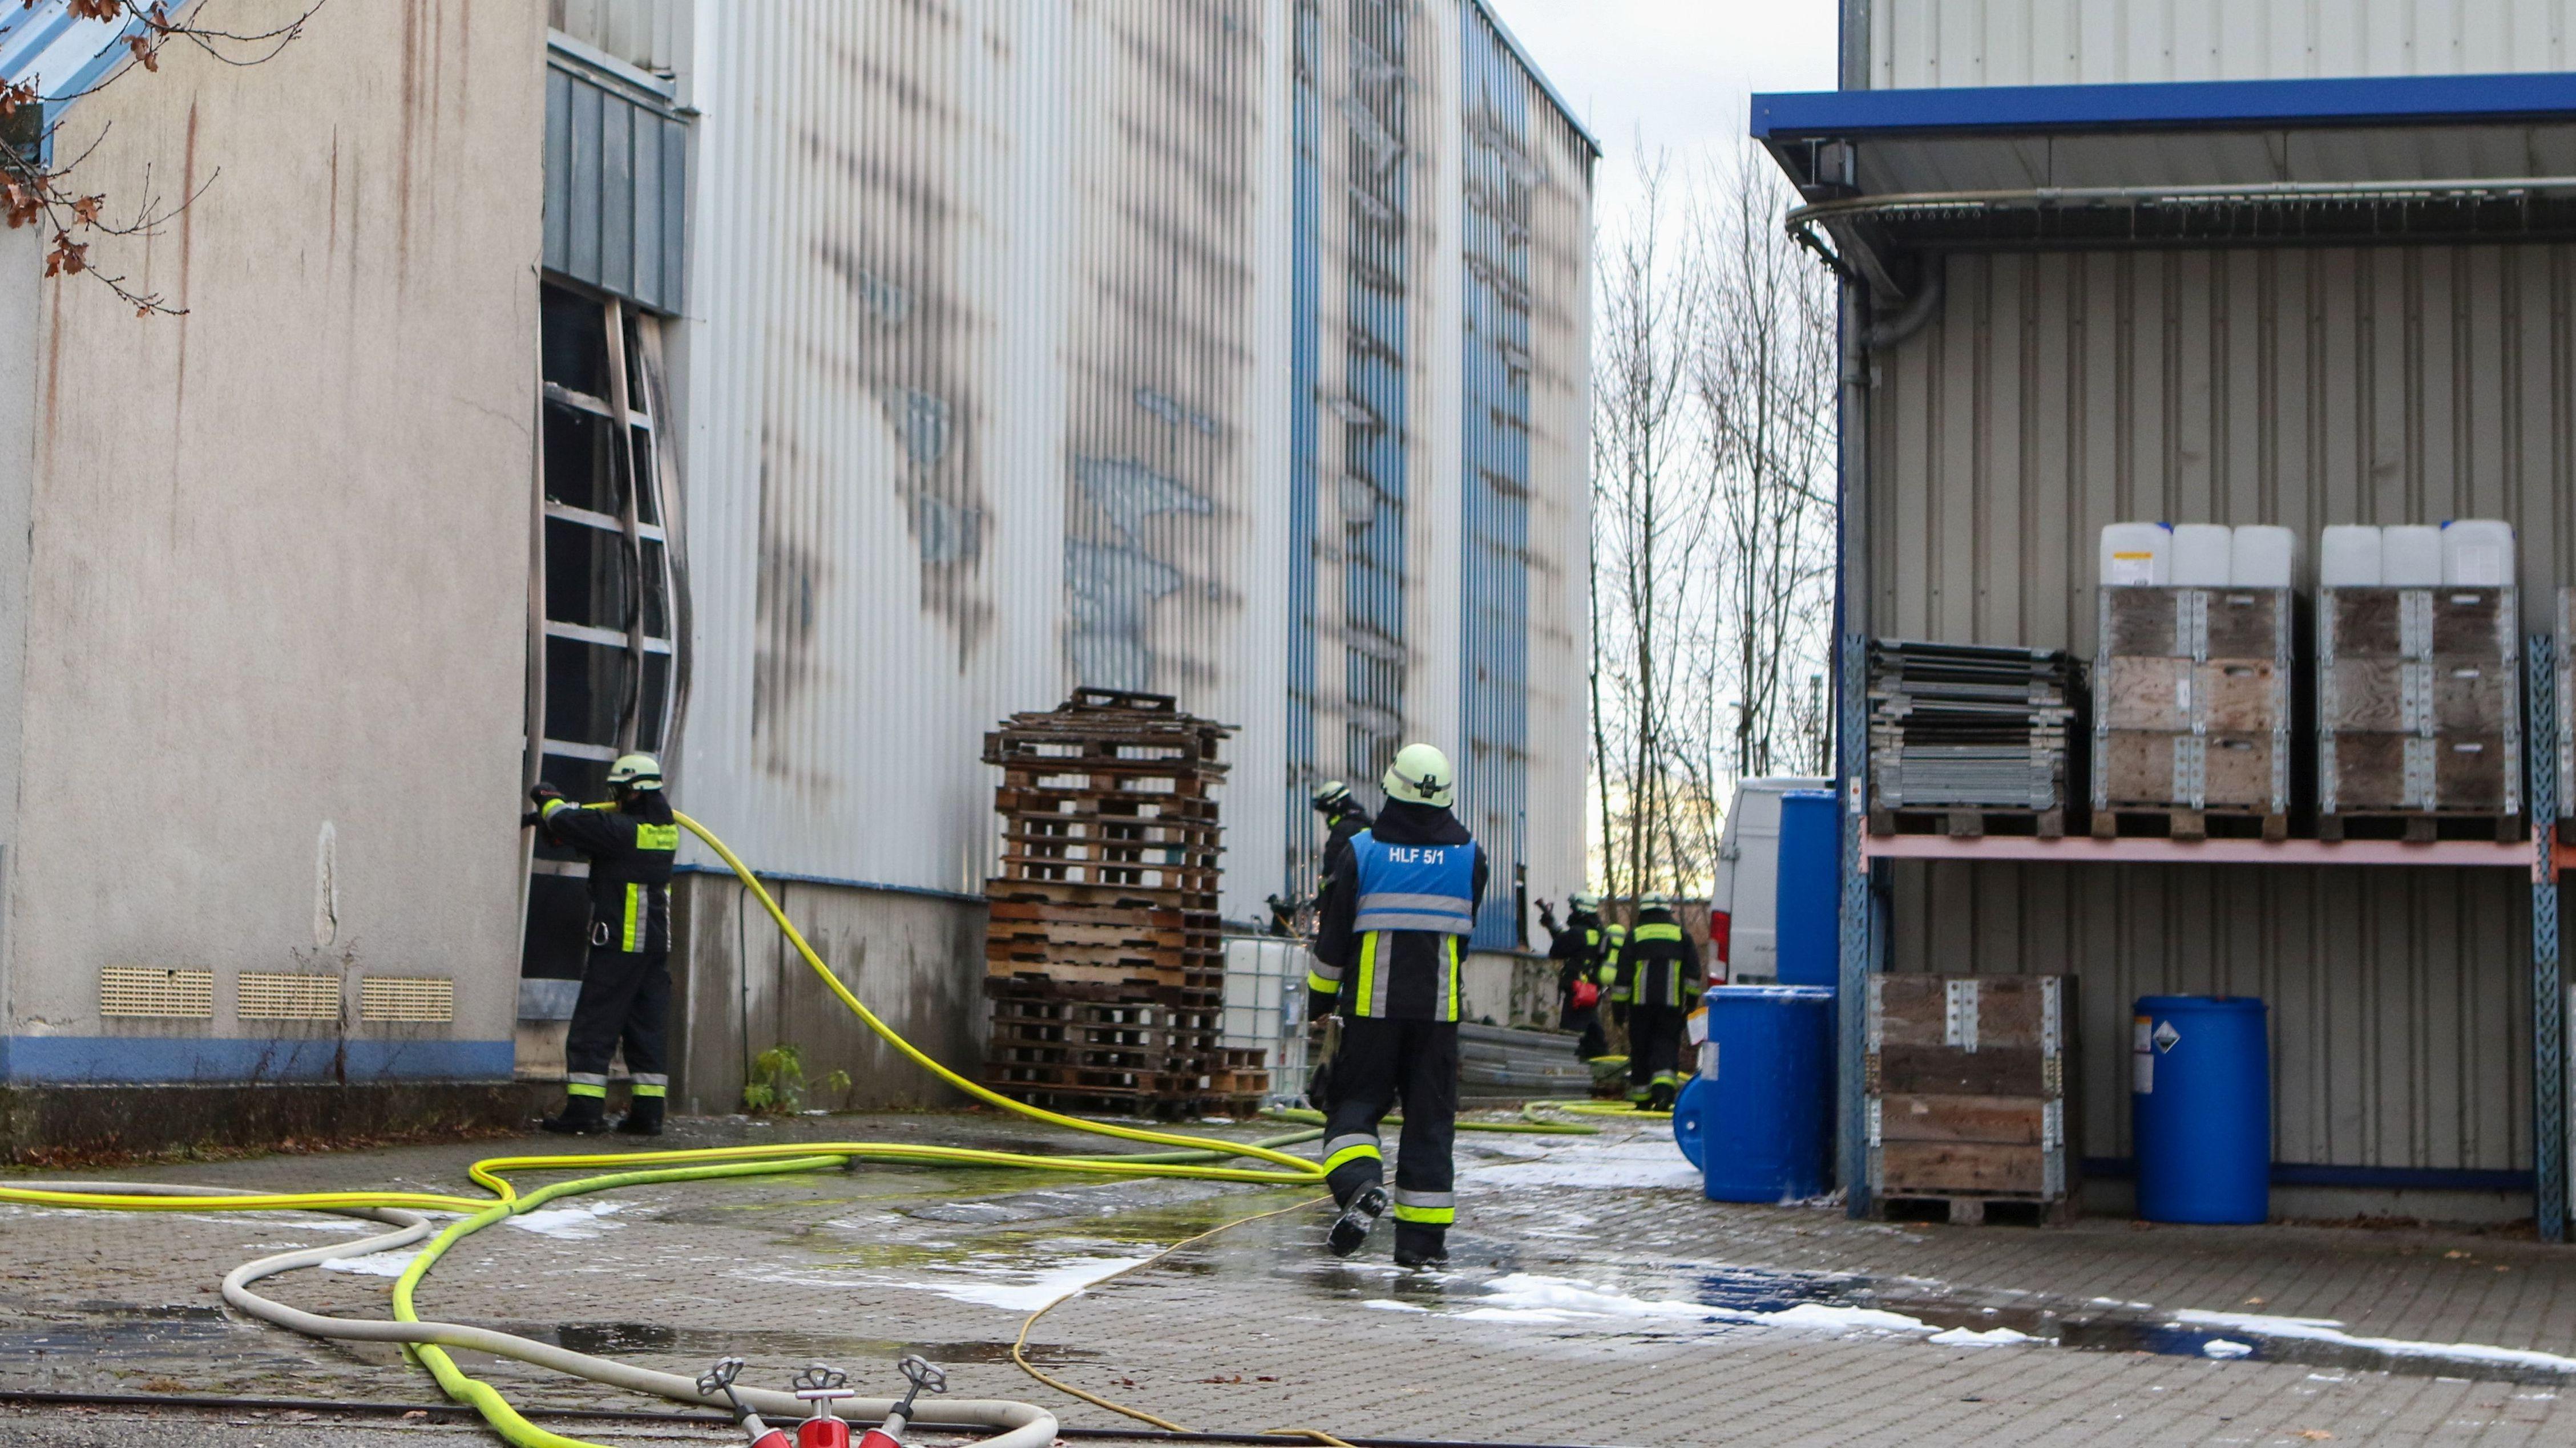 Einsatzkräfte der Feuerwehr bei den Nachlöscharbeiten.